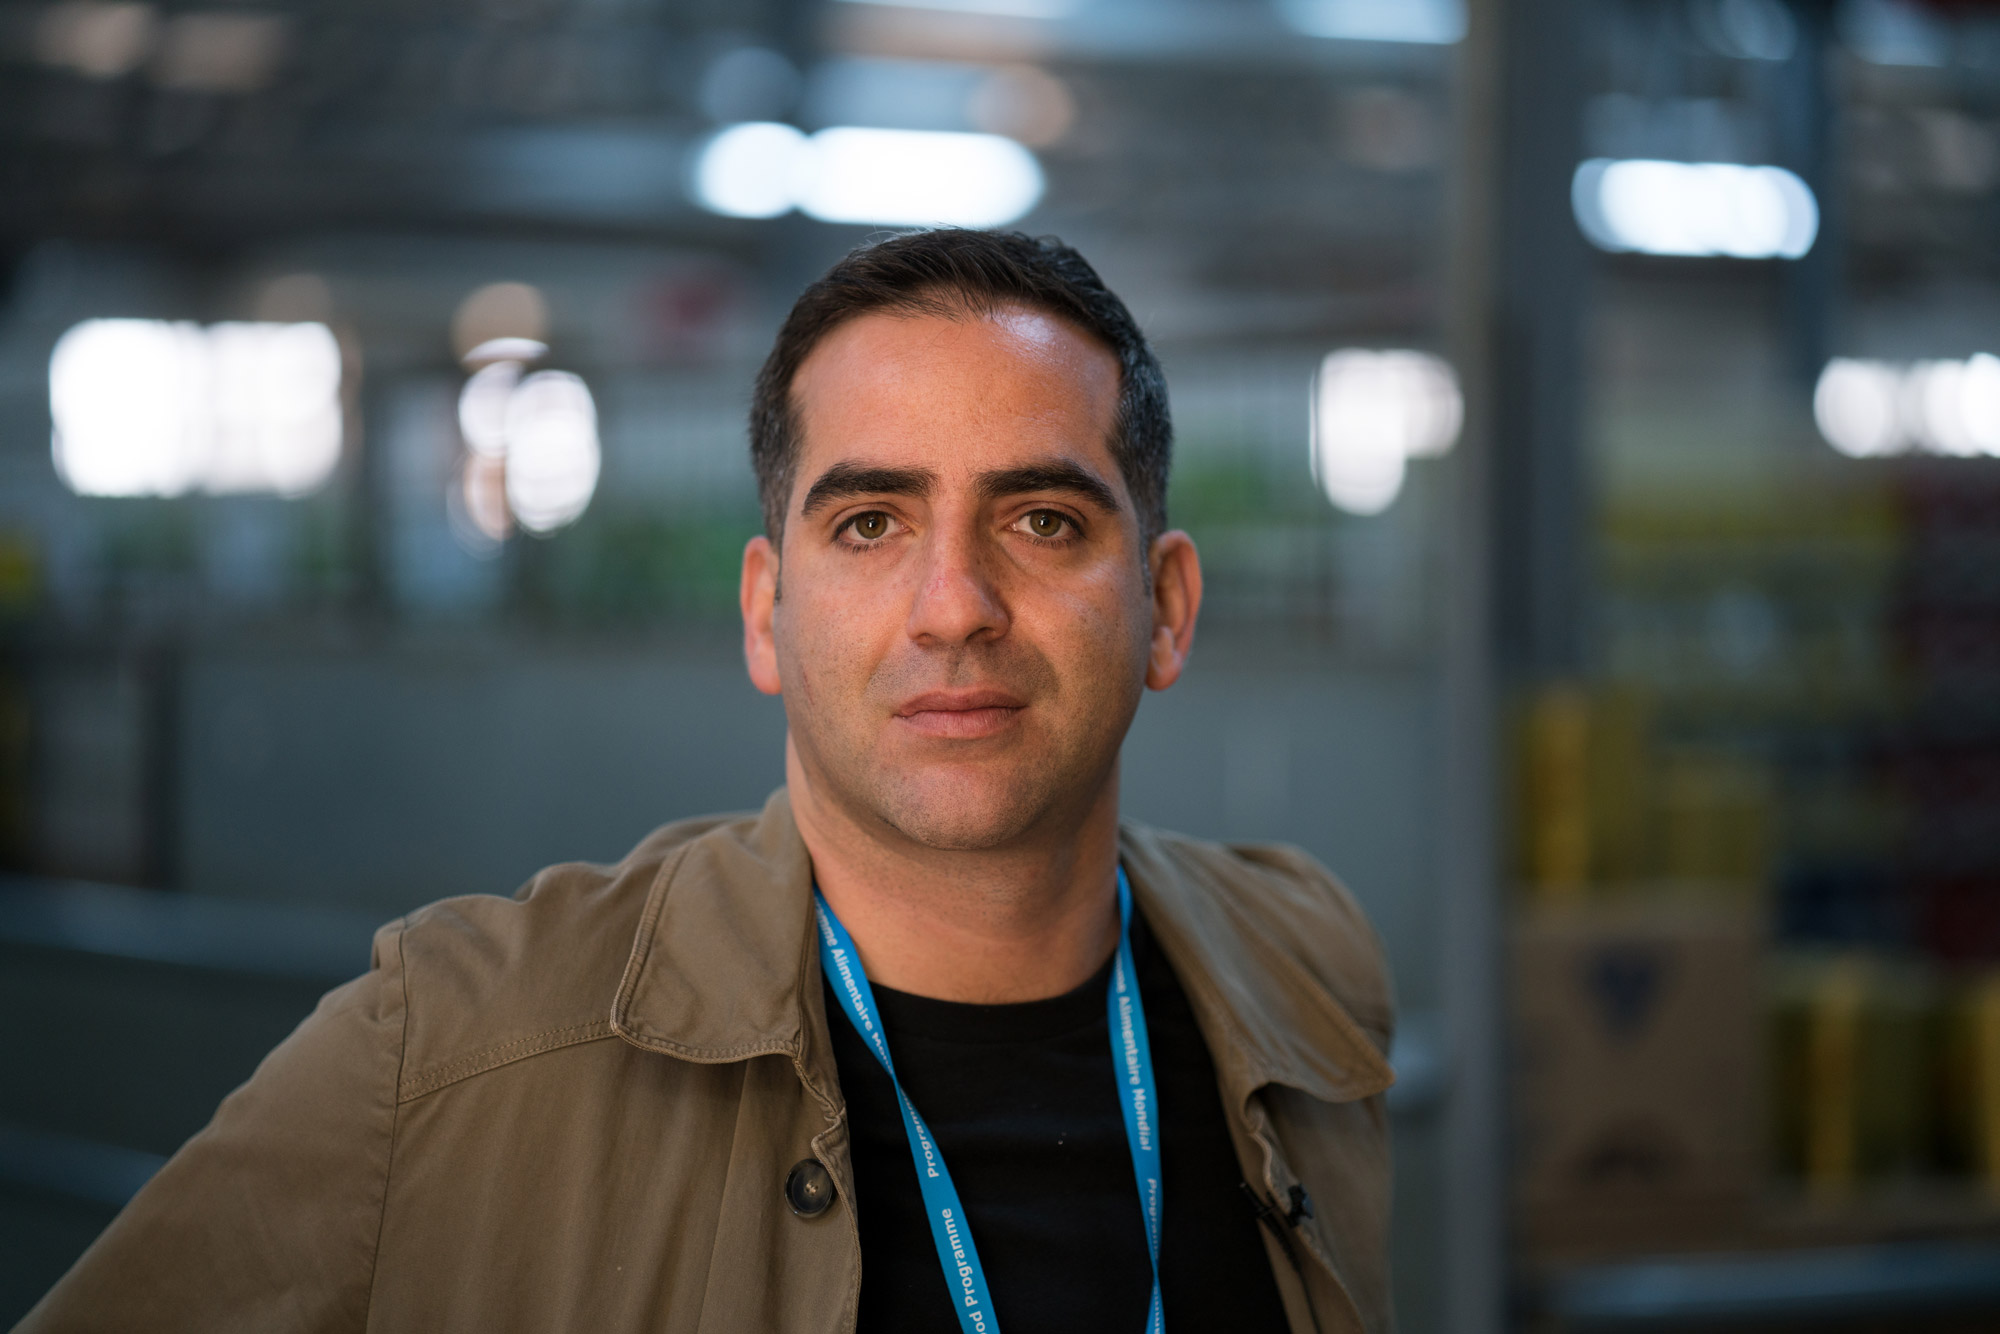 Houman Haddad es el ejecutivo de la ONU detrás de Building Blocks y su uso en el campamento jordano.